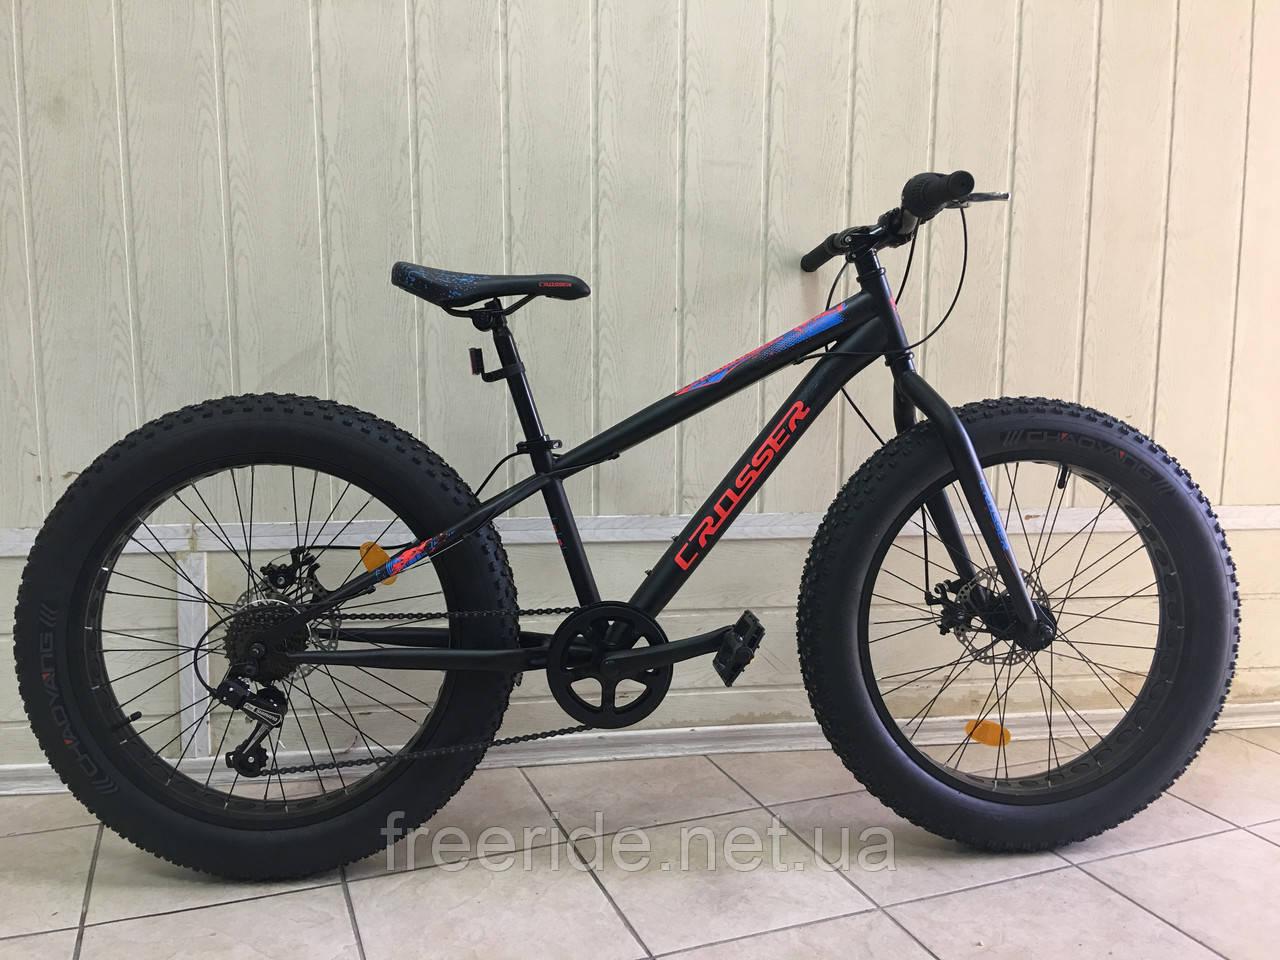 Фэтбайк подростковый Crosser Fat Bike 24 (13 рама) сталь